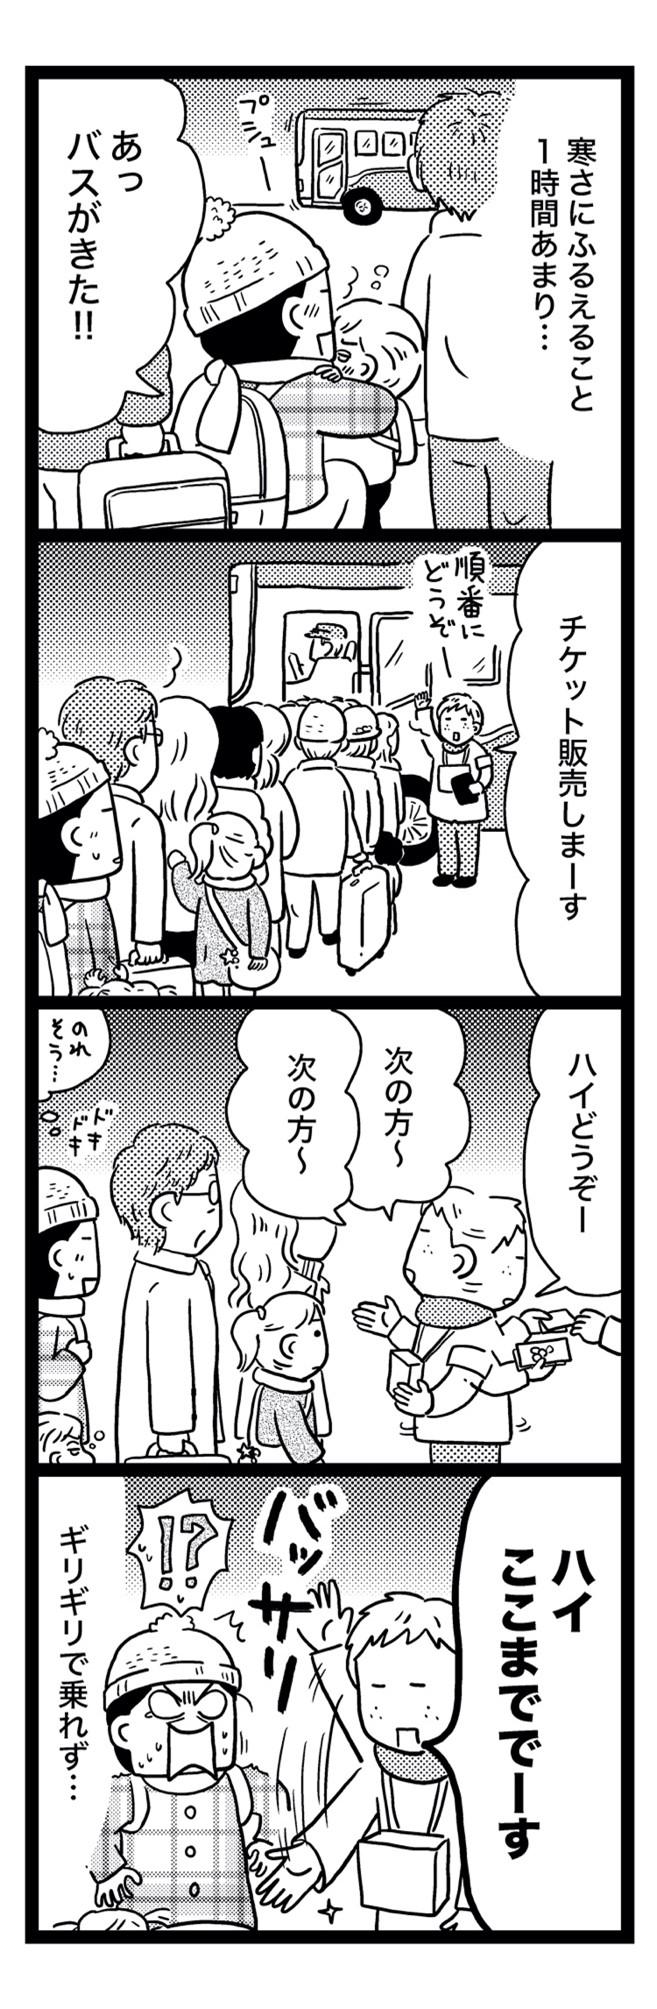 sinsai5-4